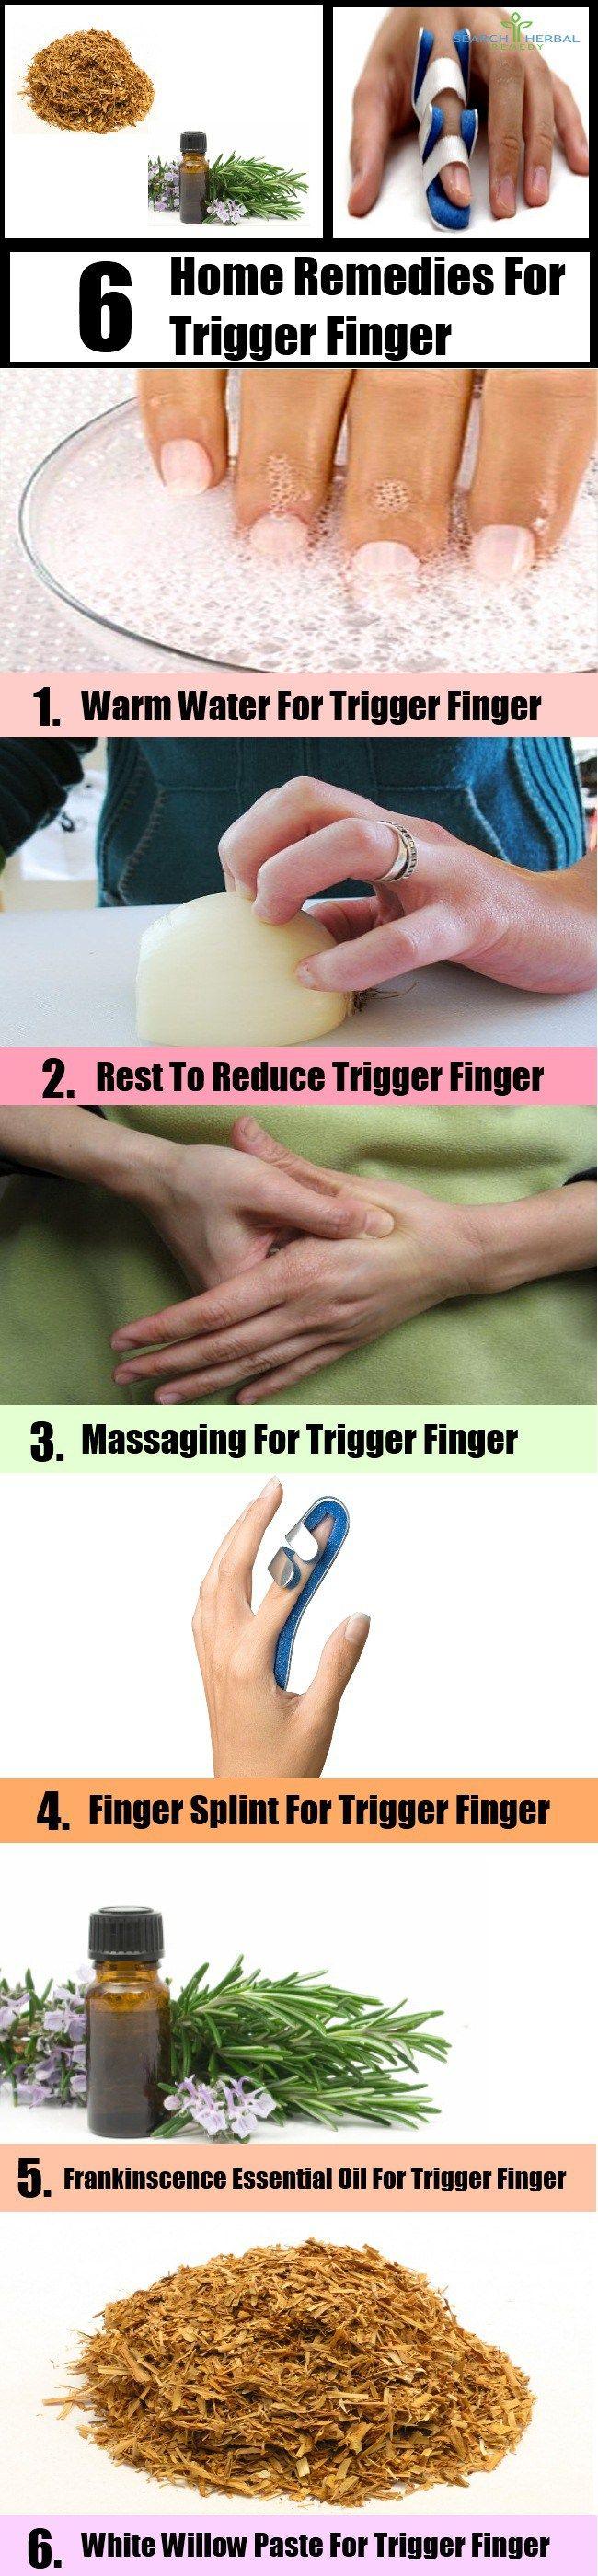 Remedies for Trigger Finger2